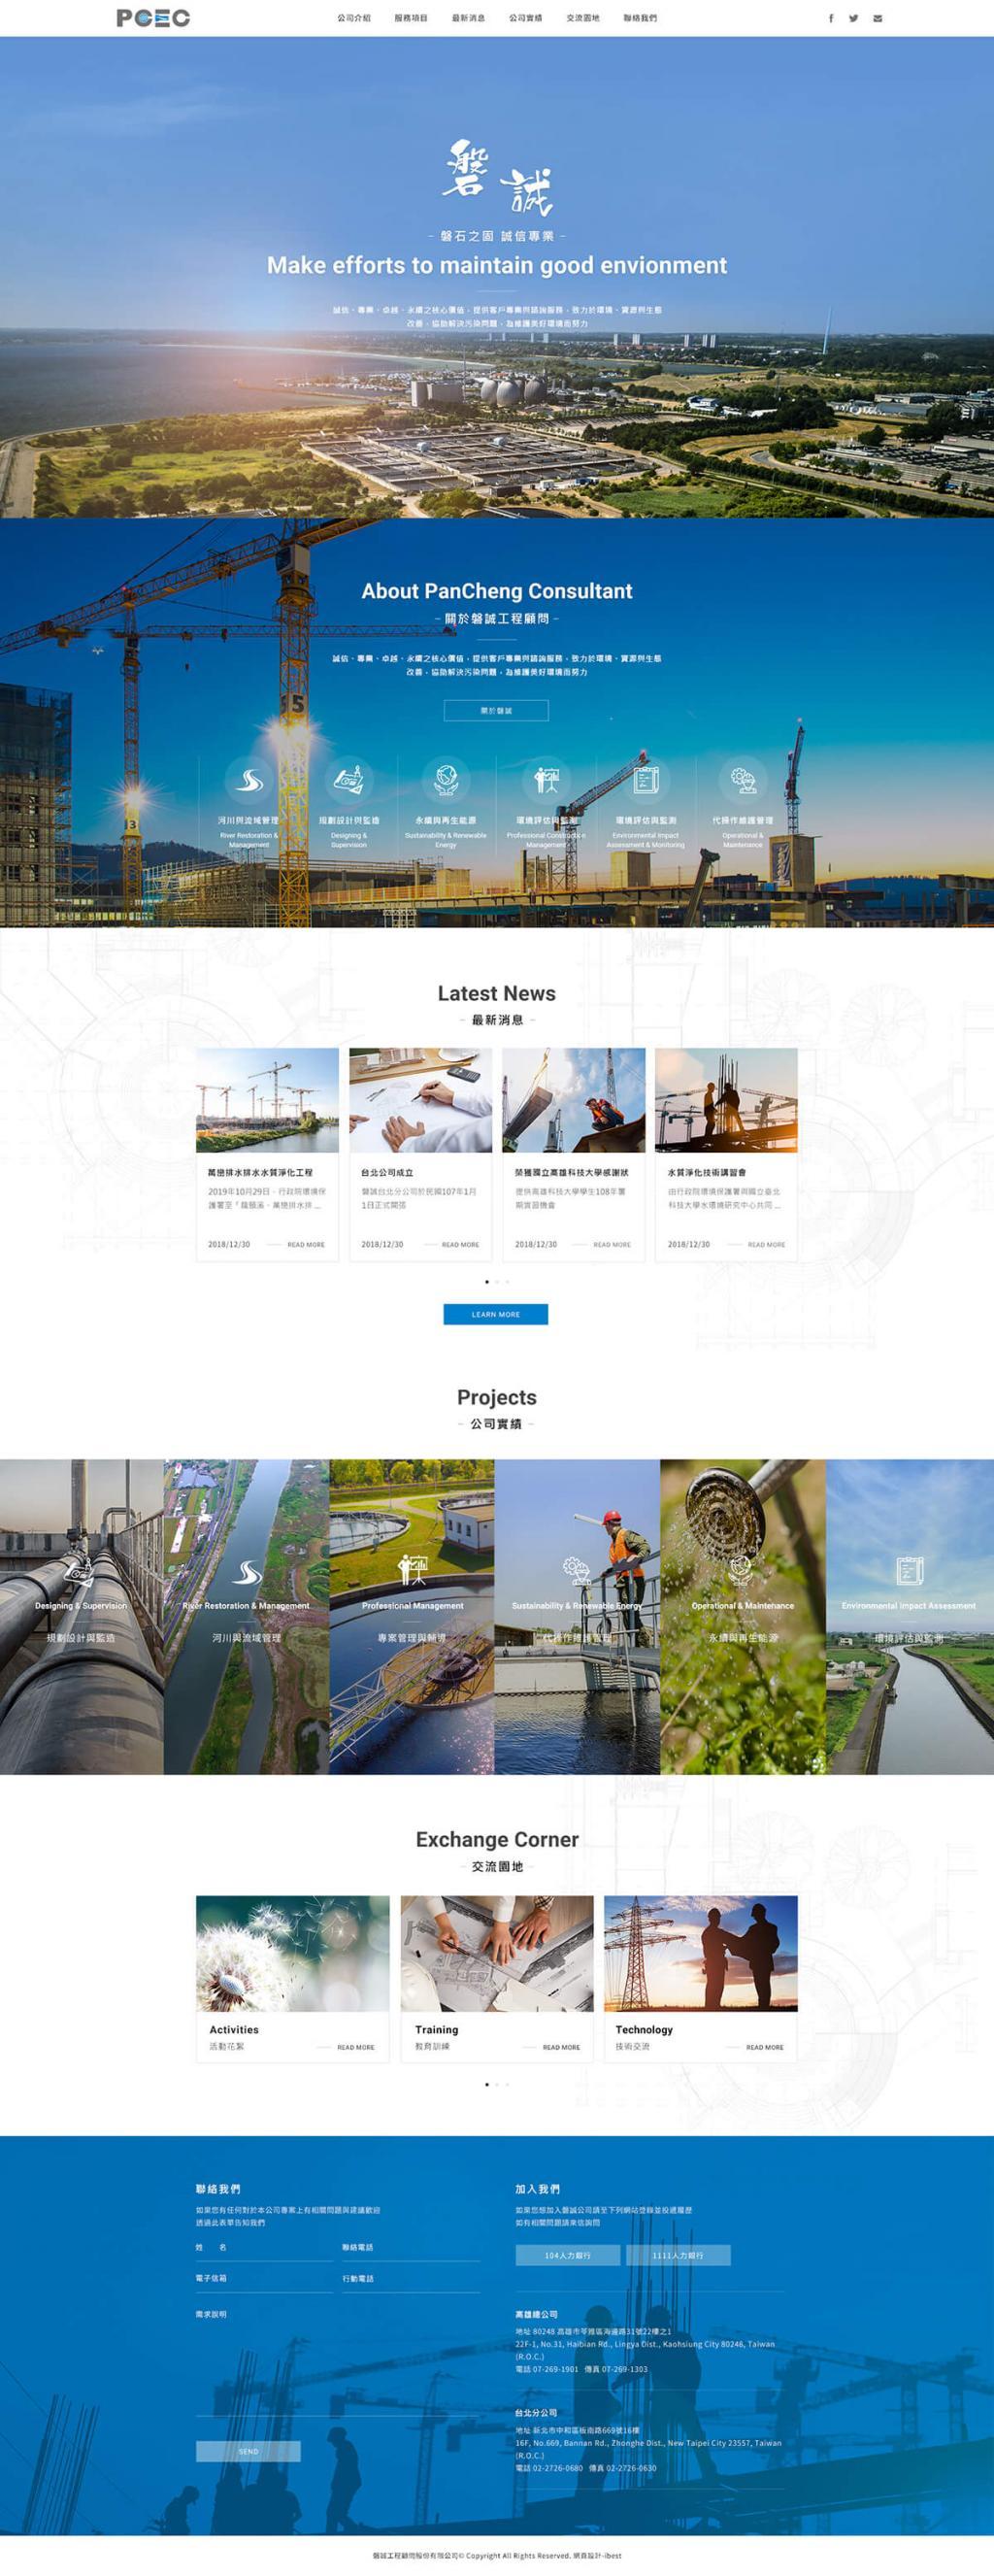 磐誠工程顧問-網頁設計